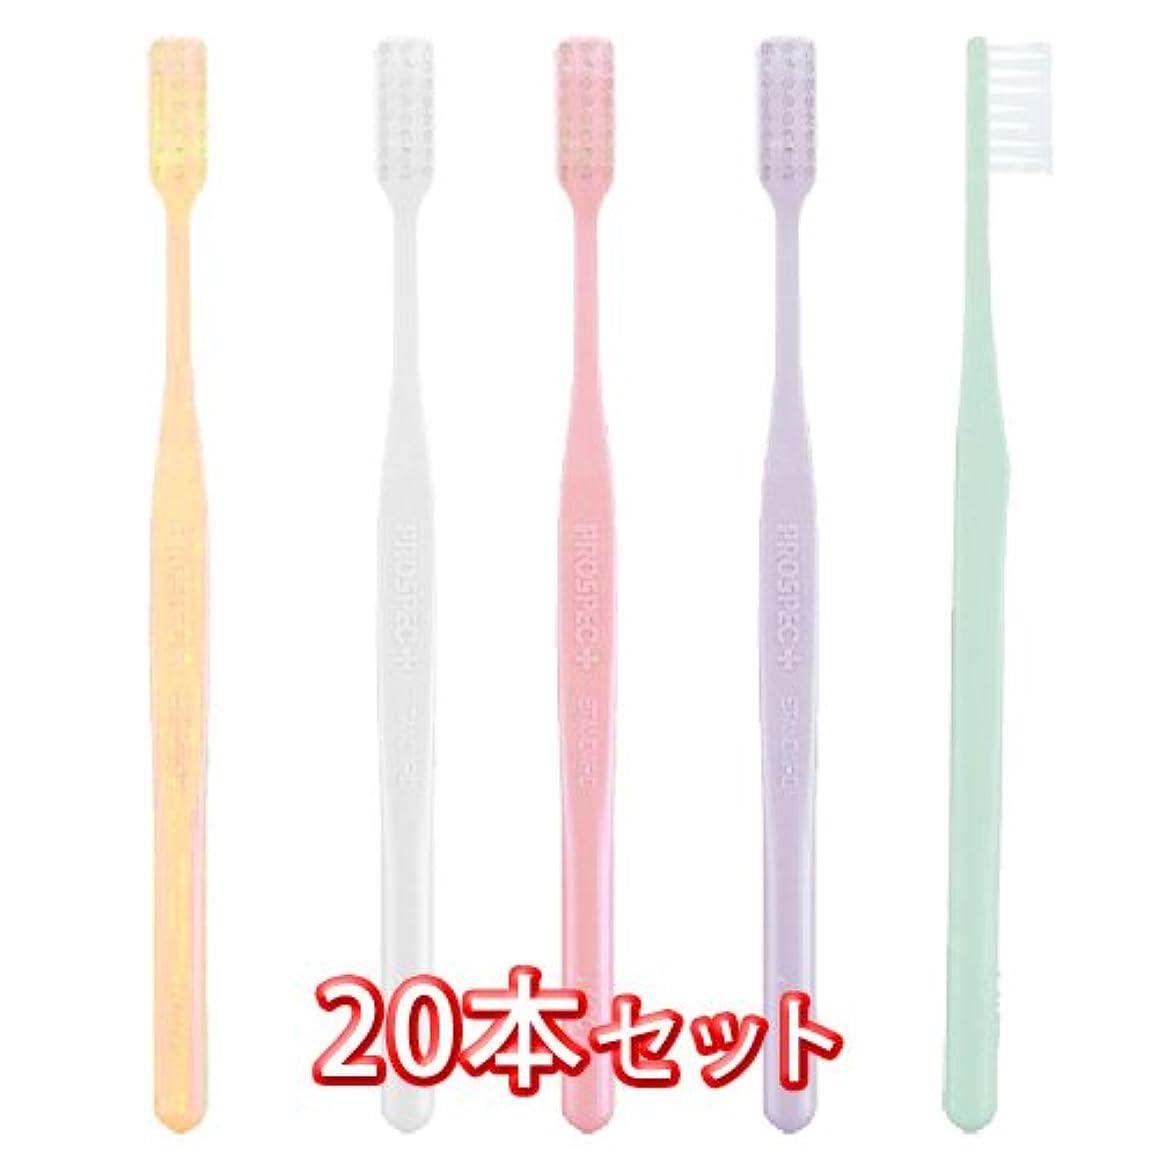 弱いキャンセル発見するプロスペック 歯ブラシ プラススタンダード 20本入 Mふつう